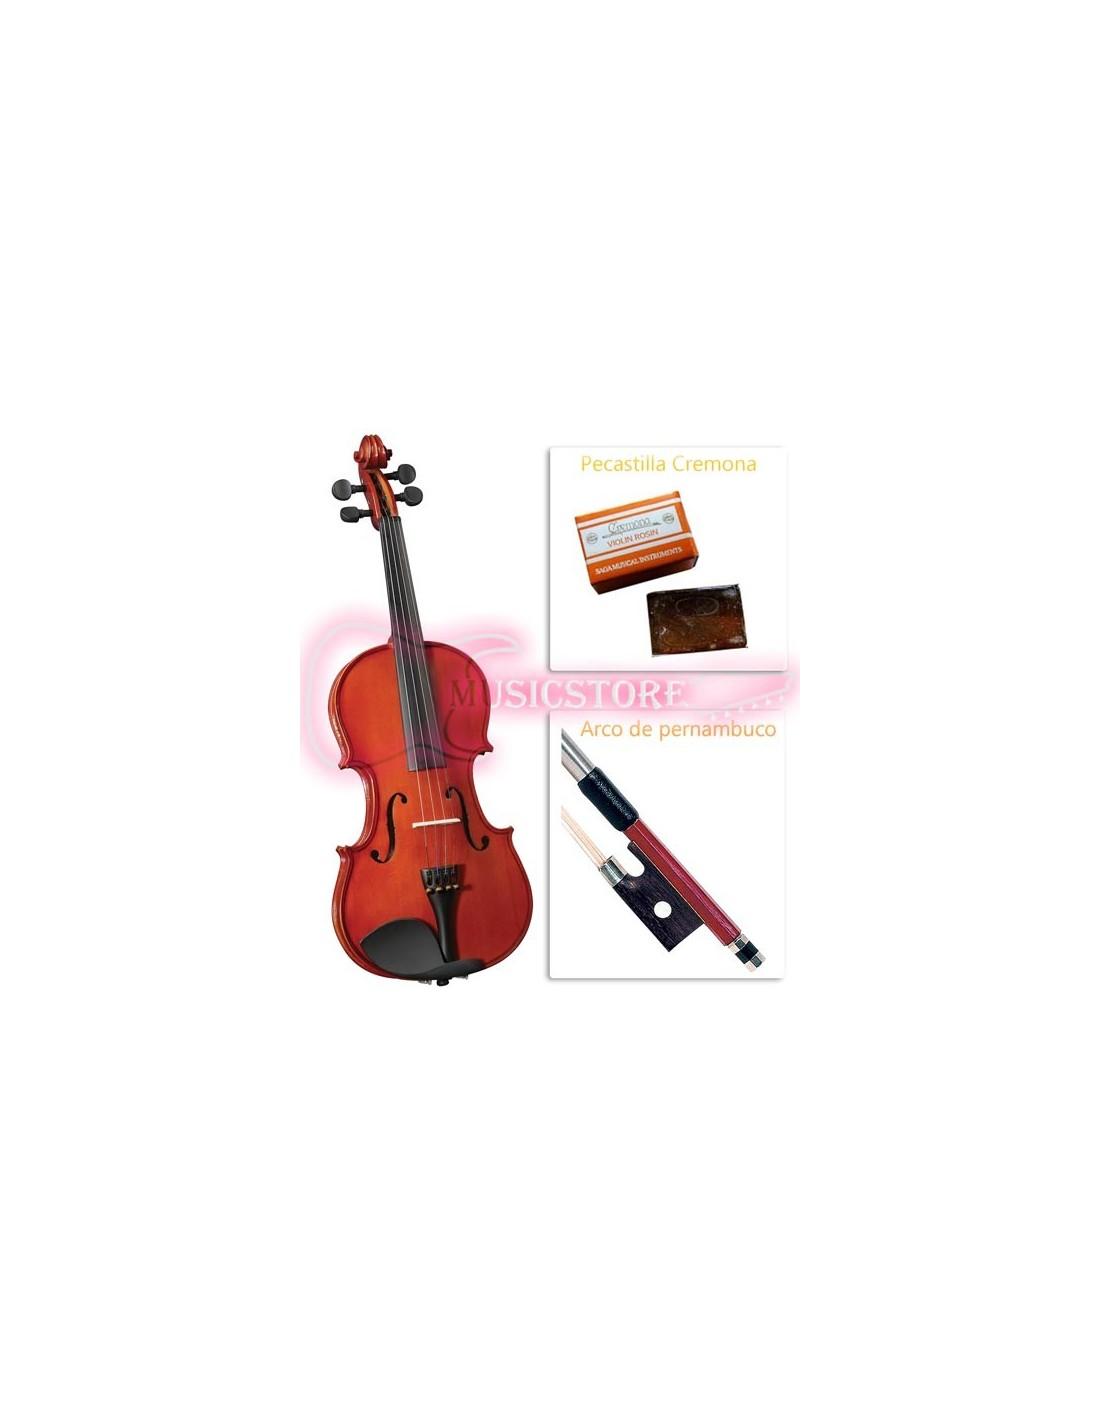 Viola 15 pulgadas HVA-150 Cervini Cremona